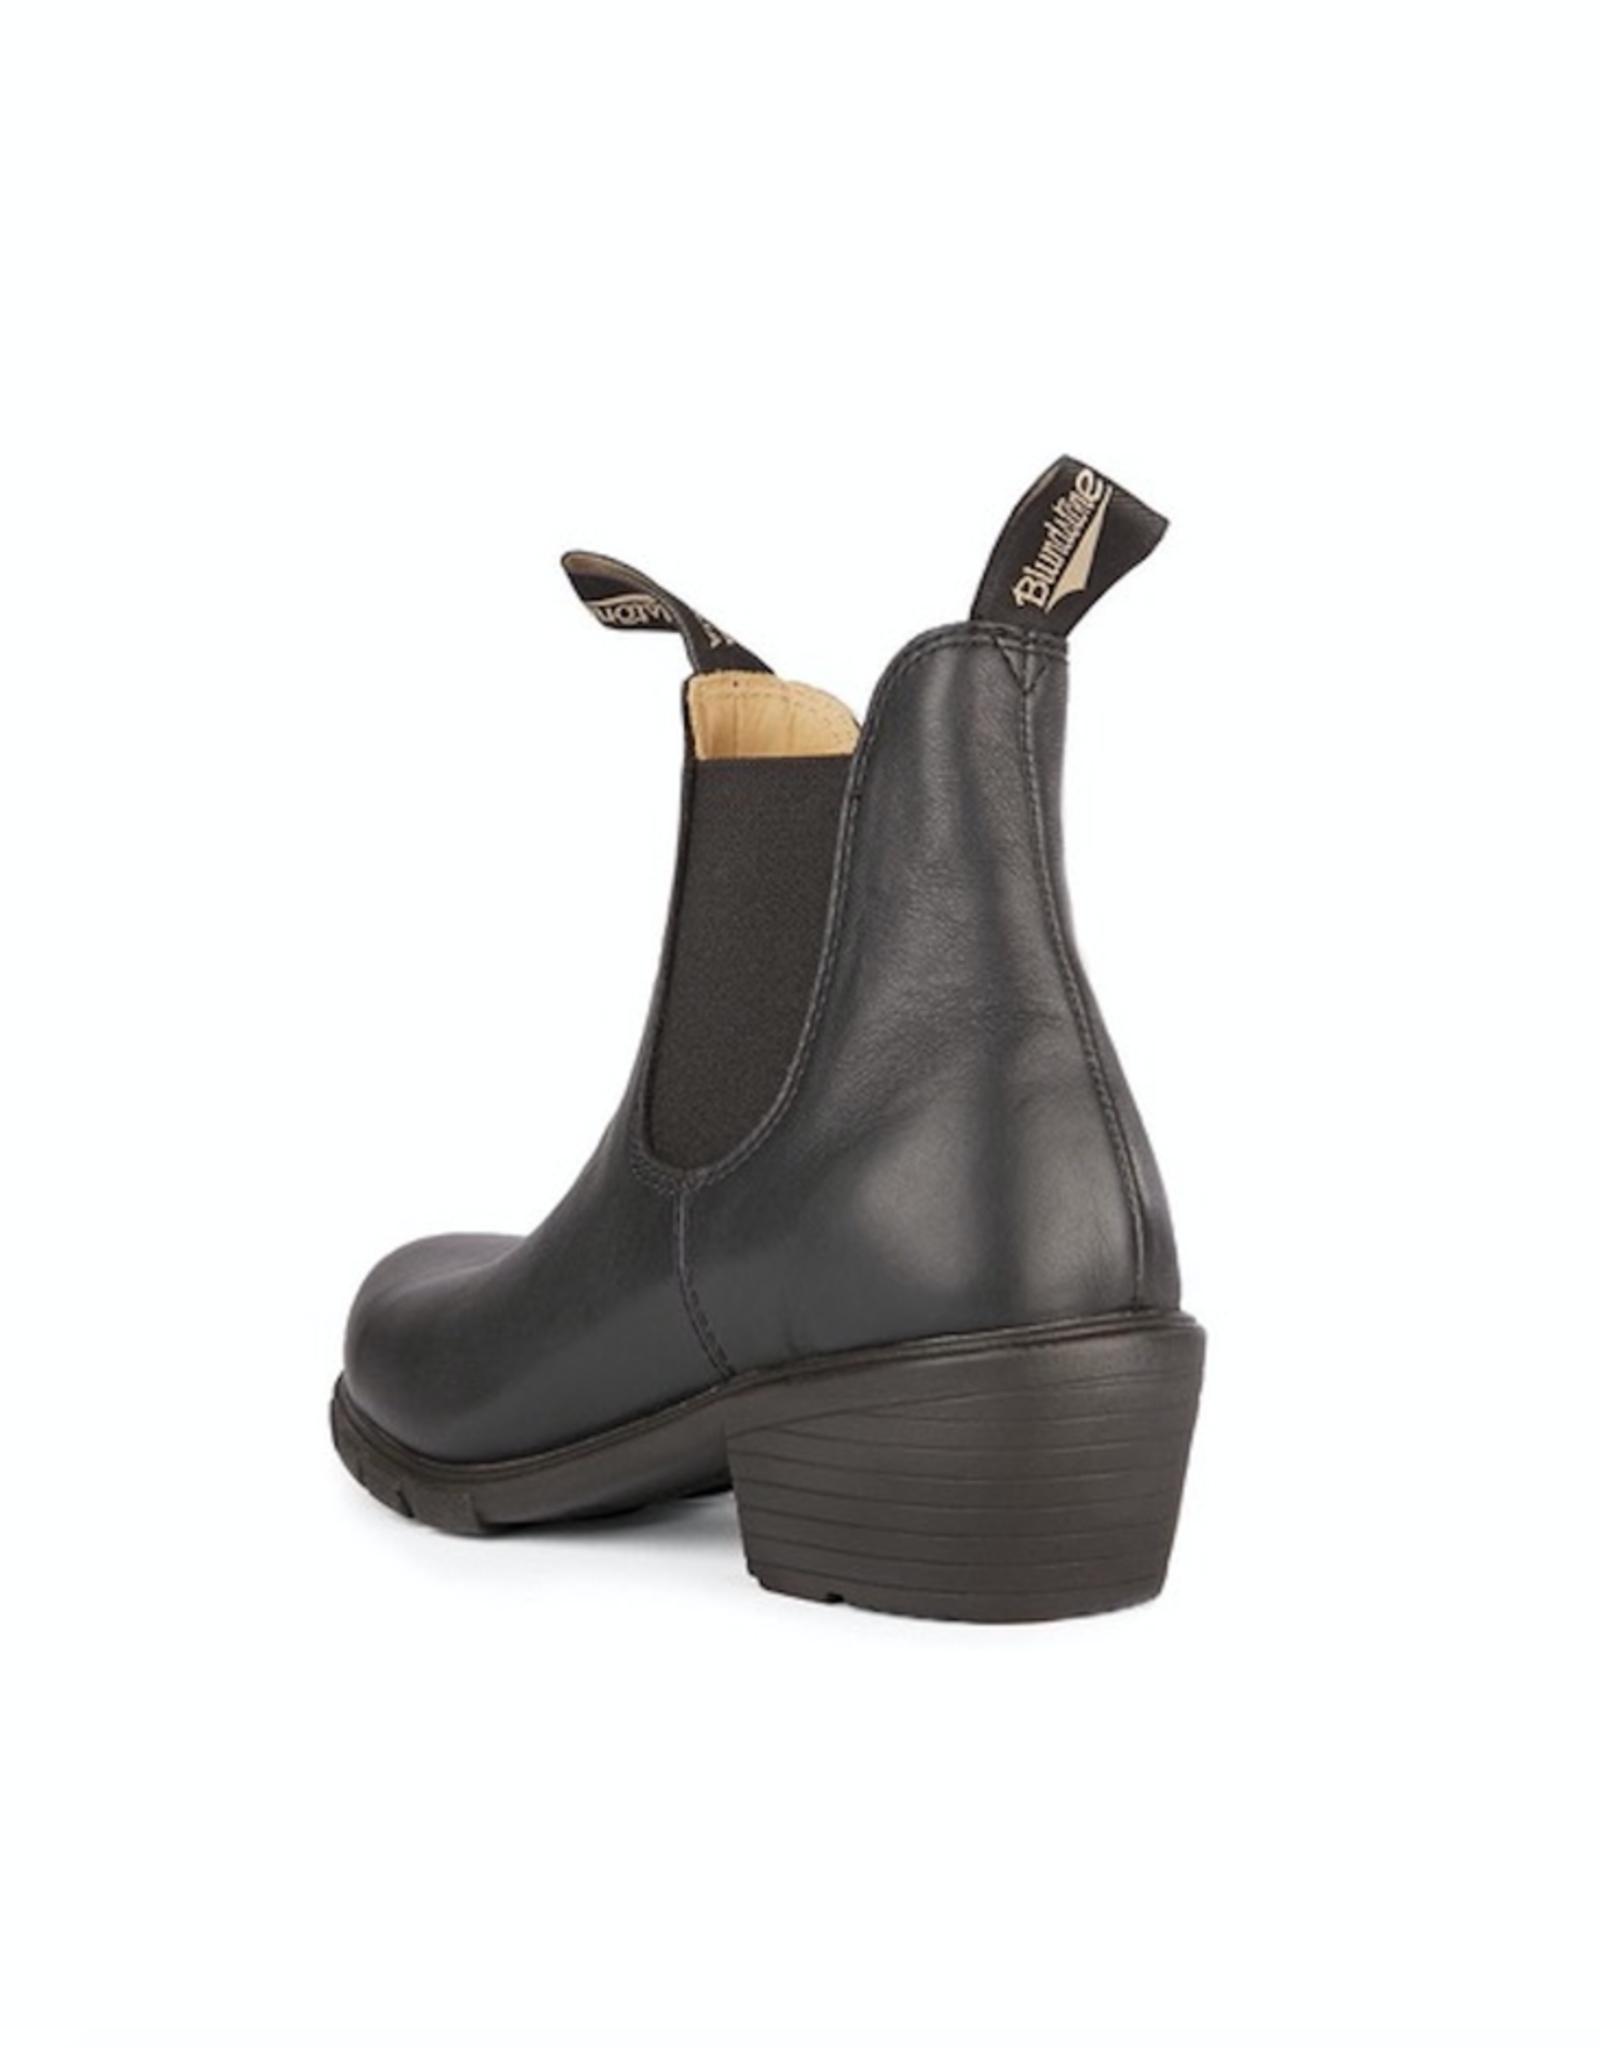 Blundstone 1671 Women's Series Heel